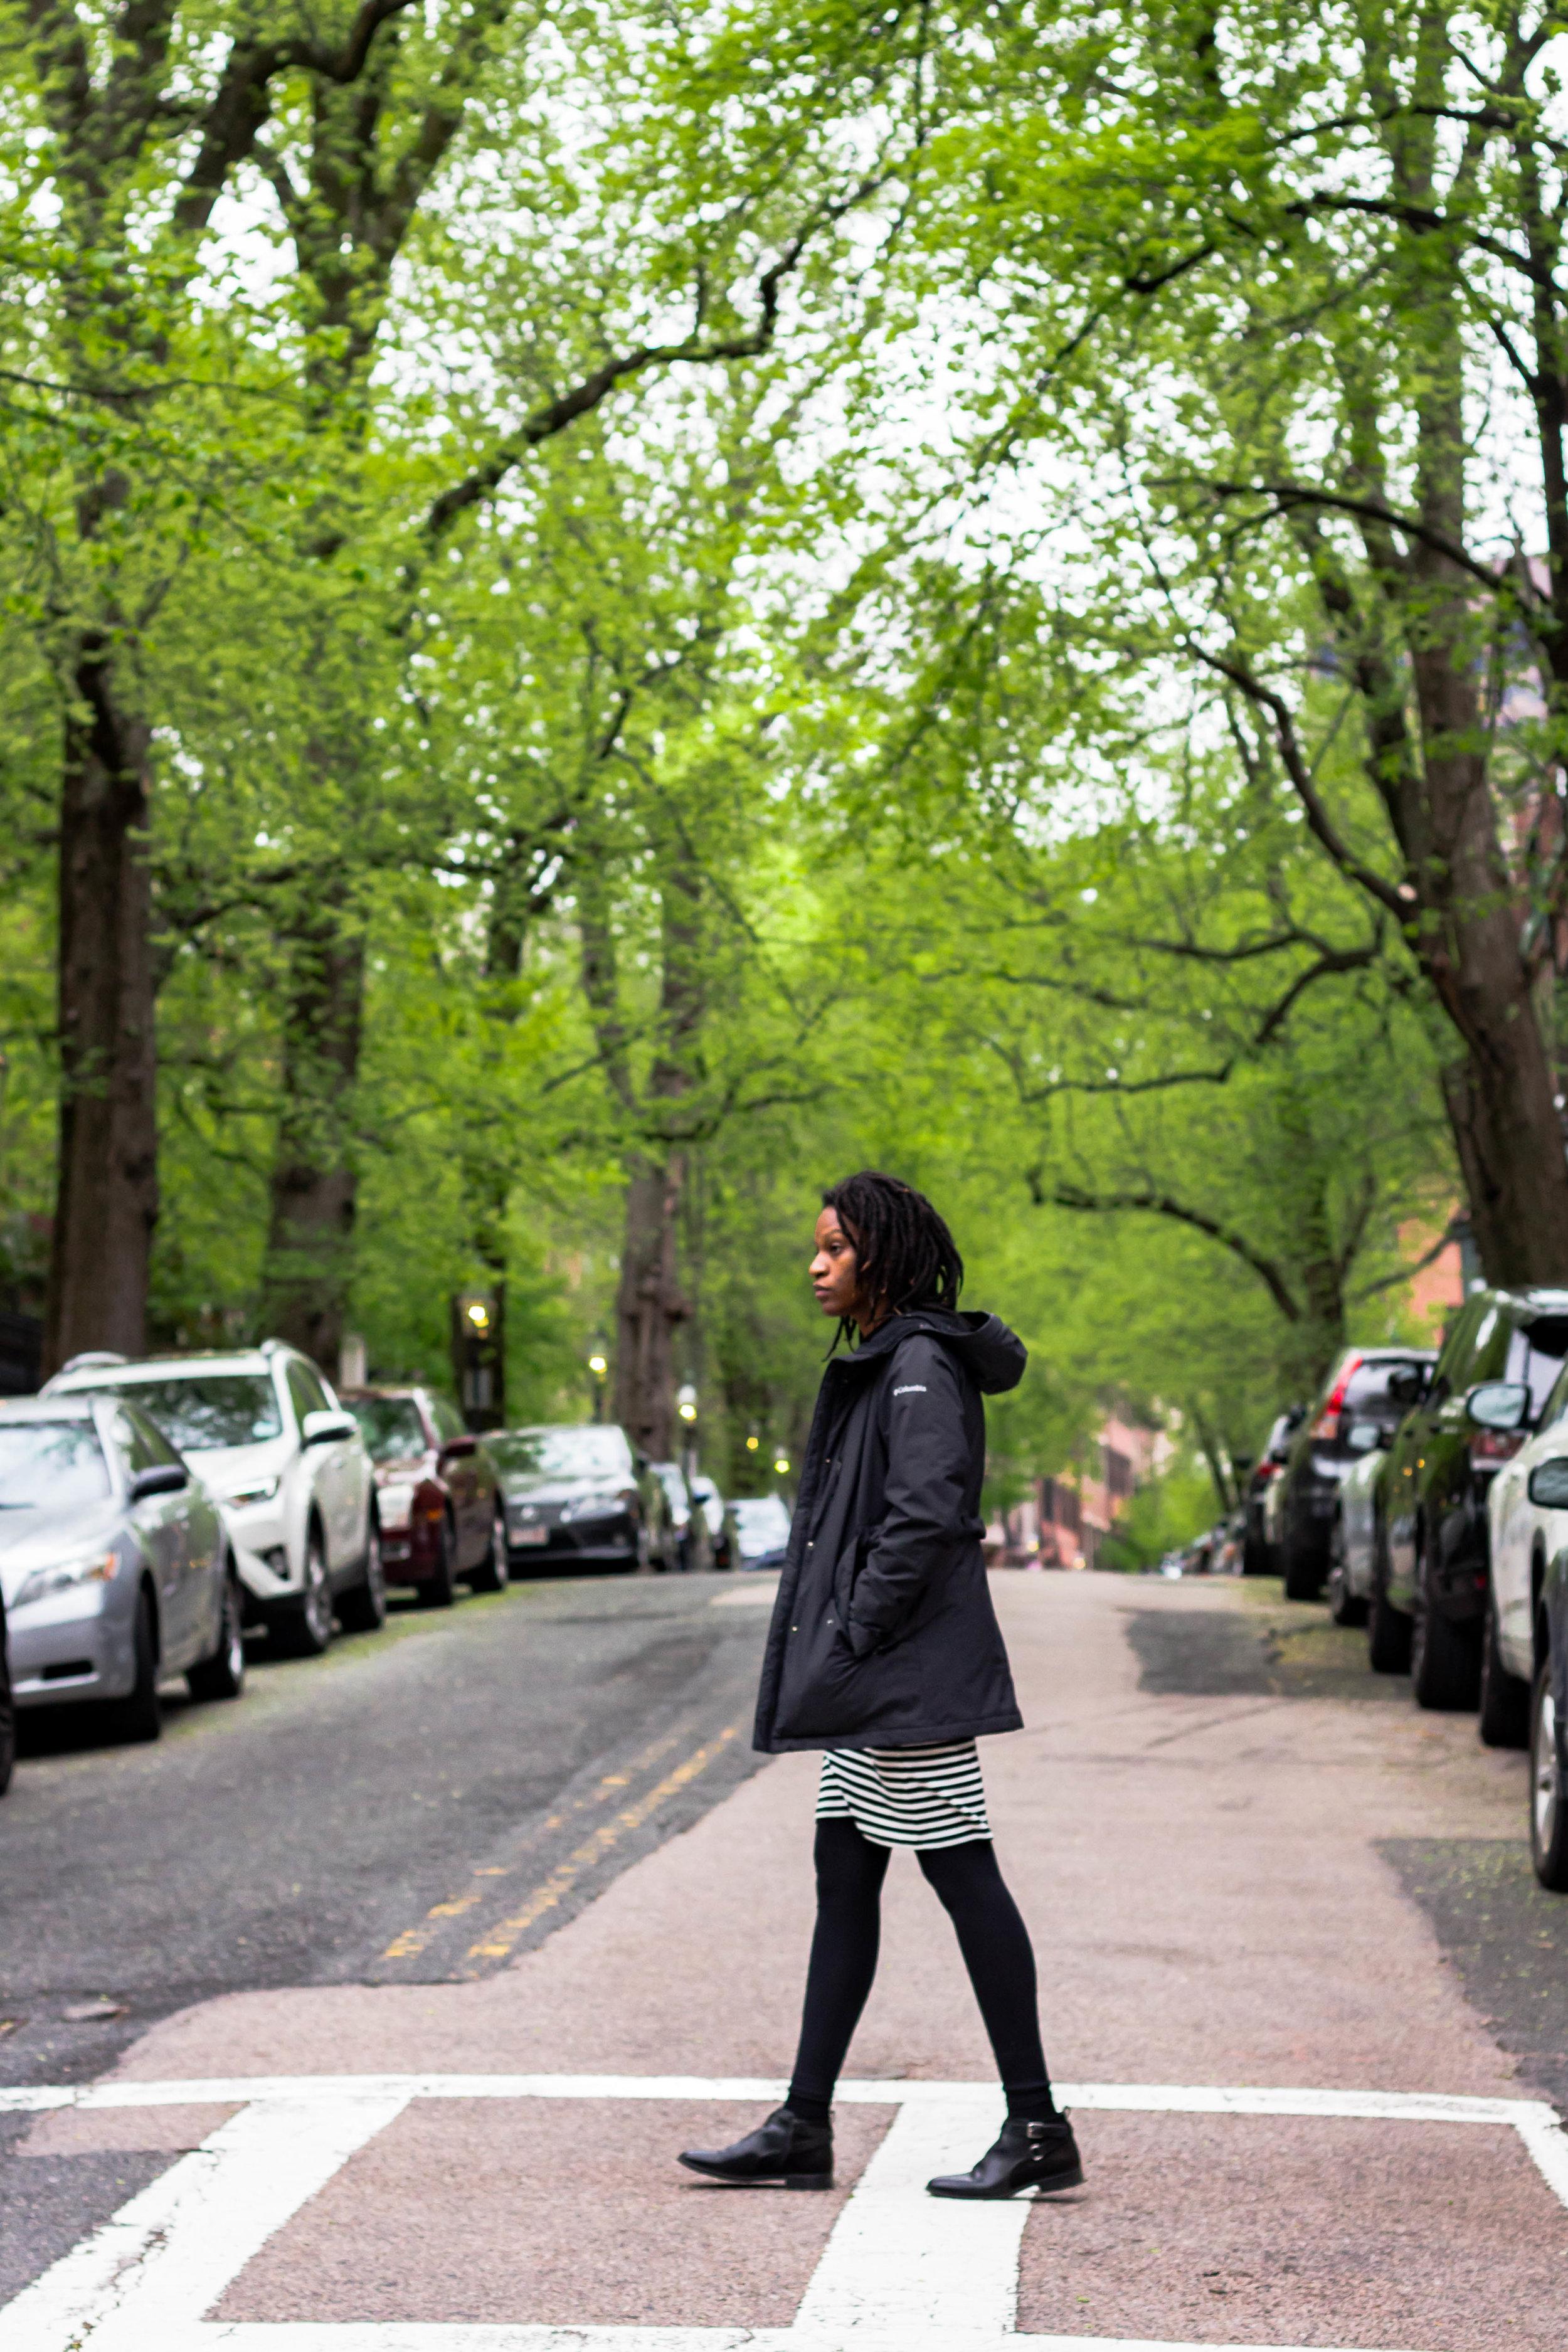 walks.jpg